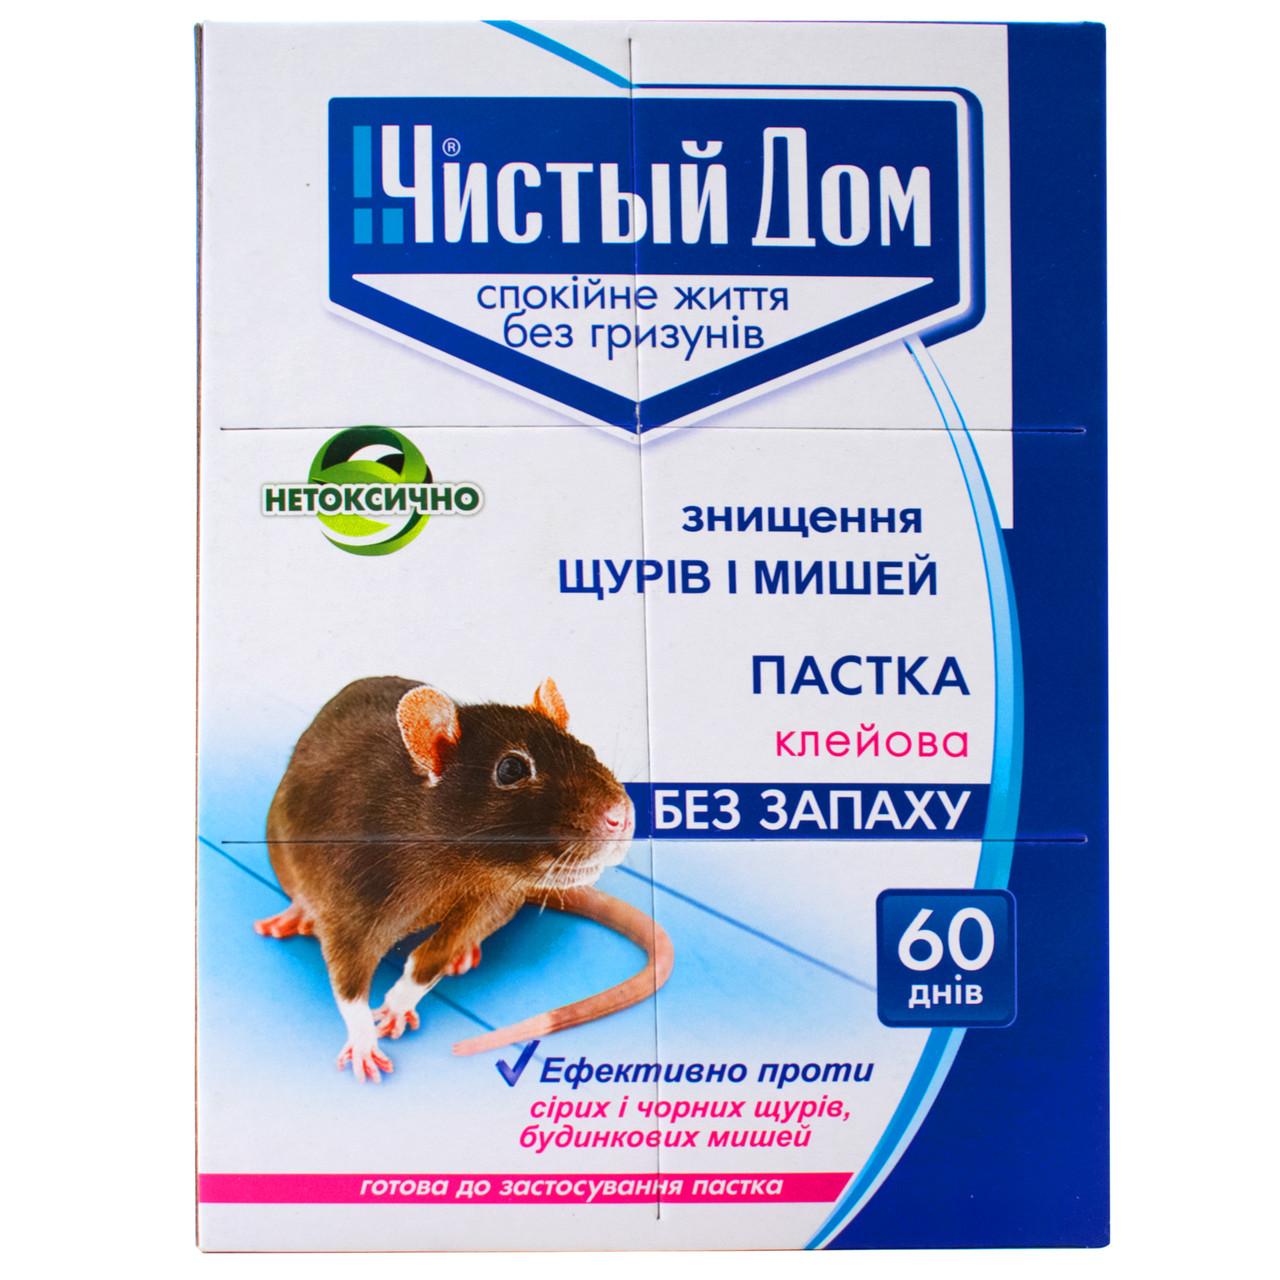 Клеевая ловушка-книжка для крыс и мышей Чистый дом 170x120 мм